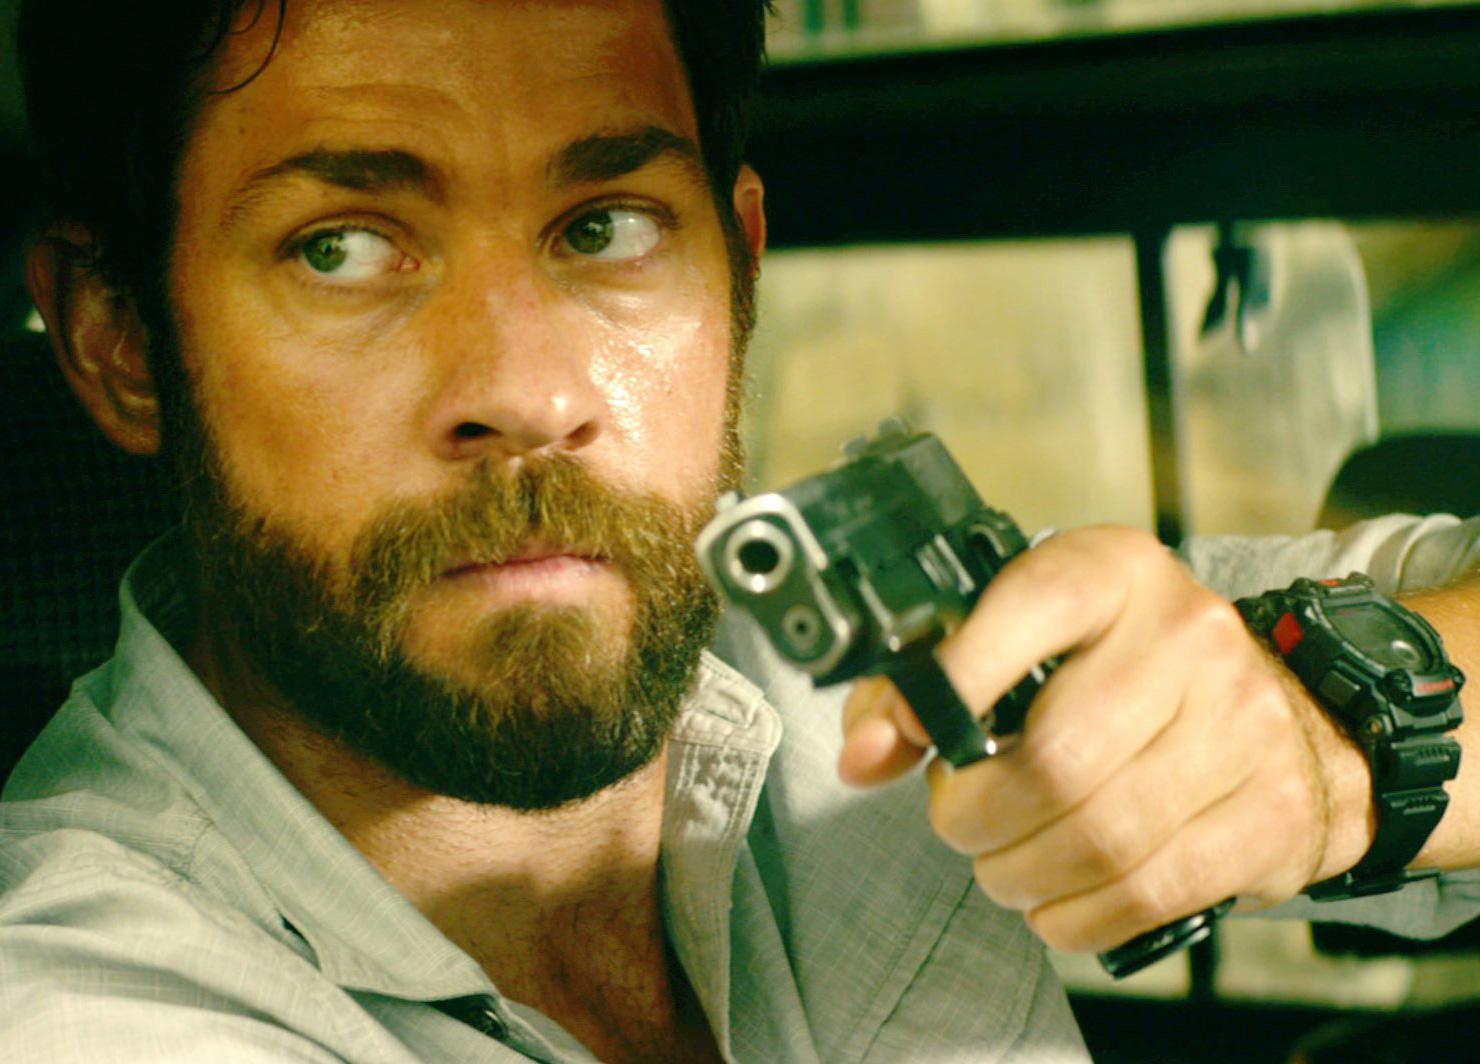 John Krasinski wears a Casio G-Shock G7900-1 watch in 13 Hours: The Secret Soldiers of Benghazi.